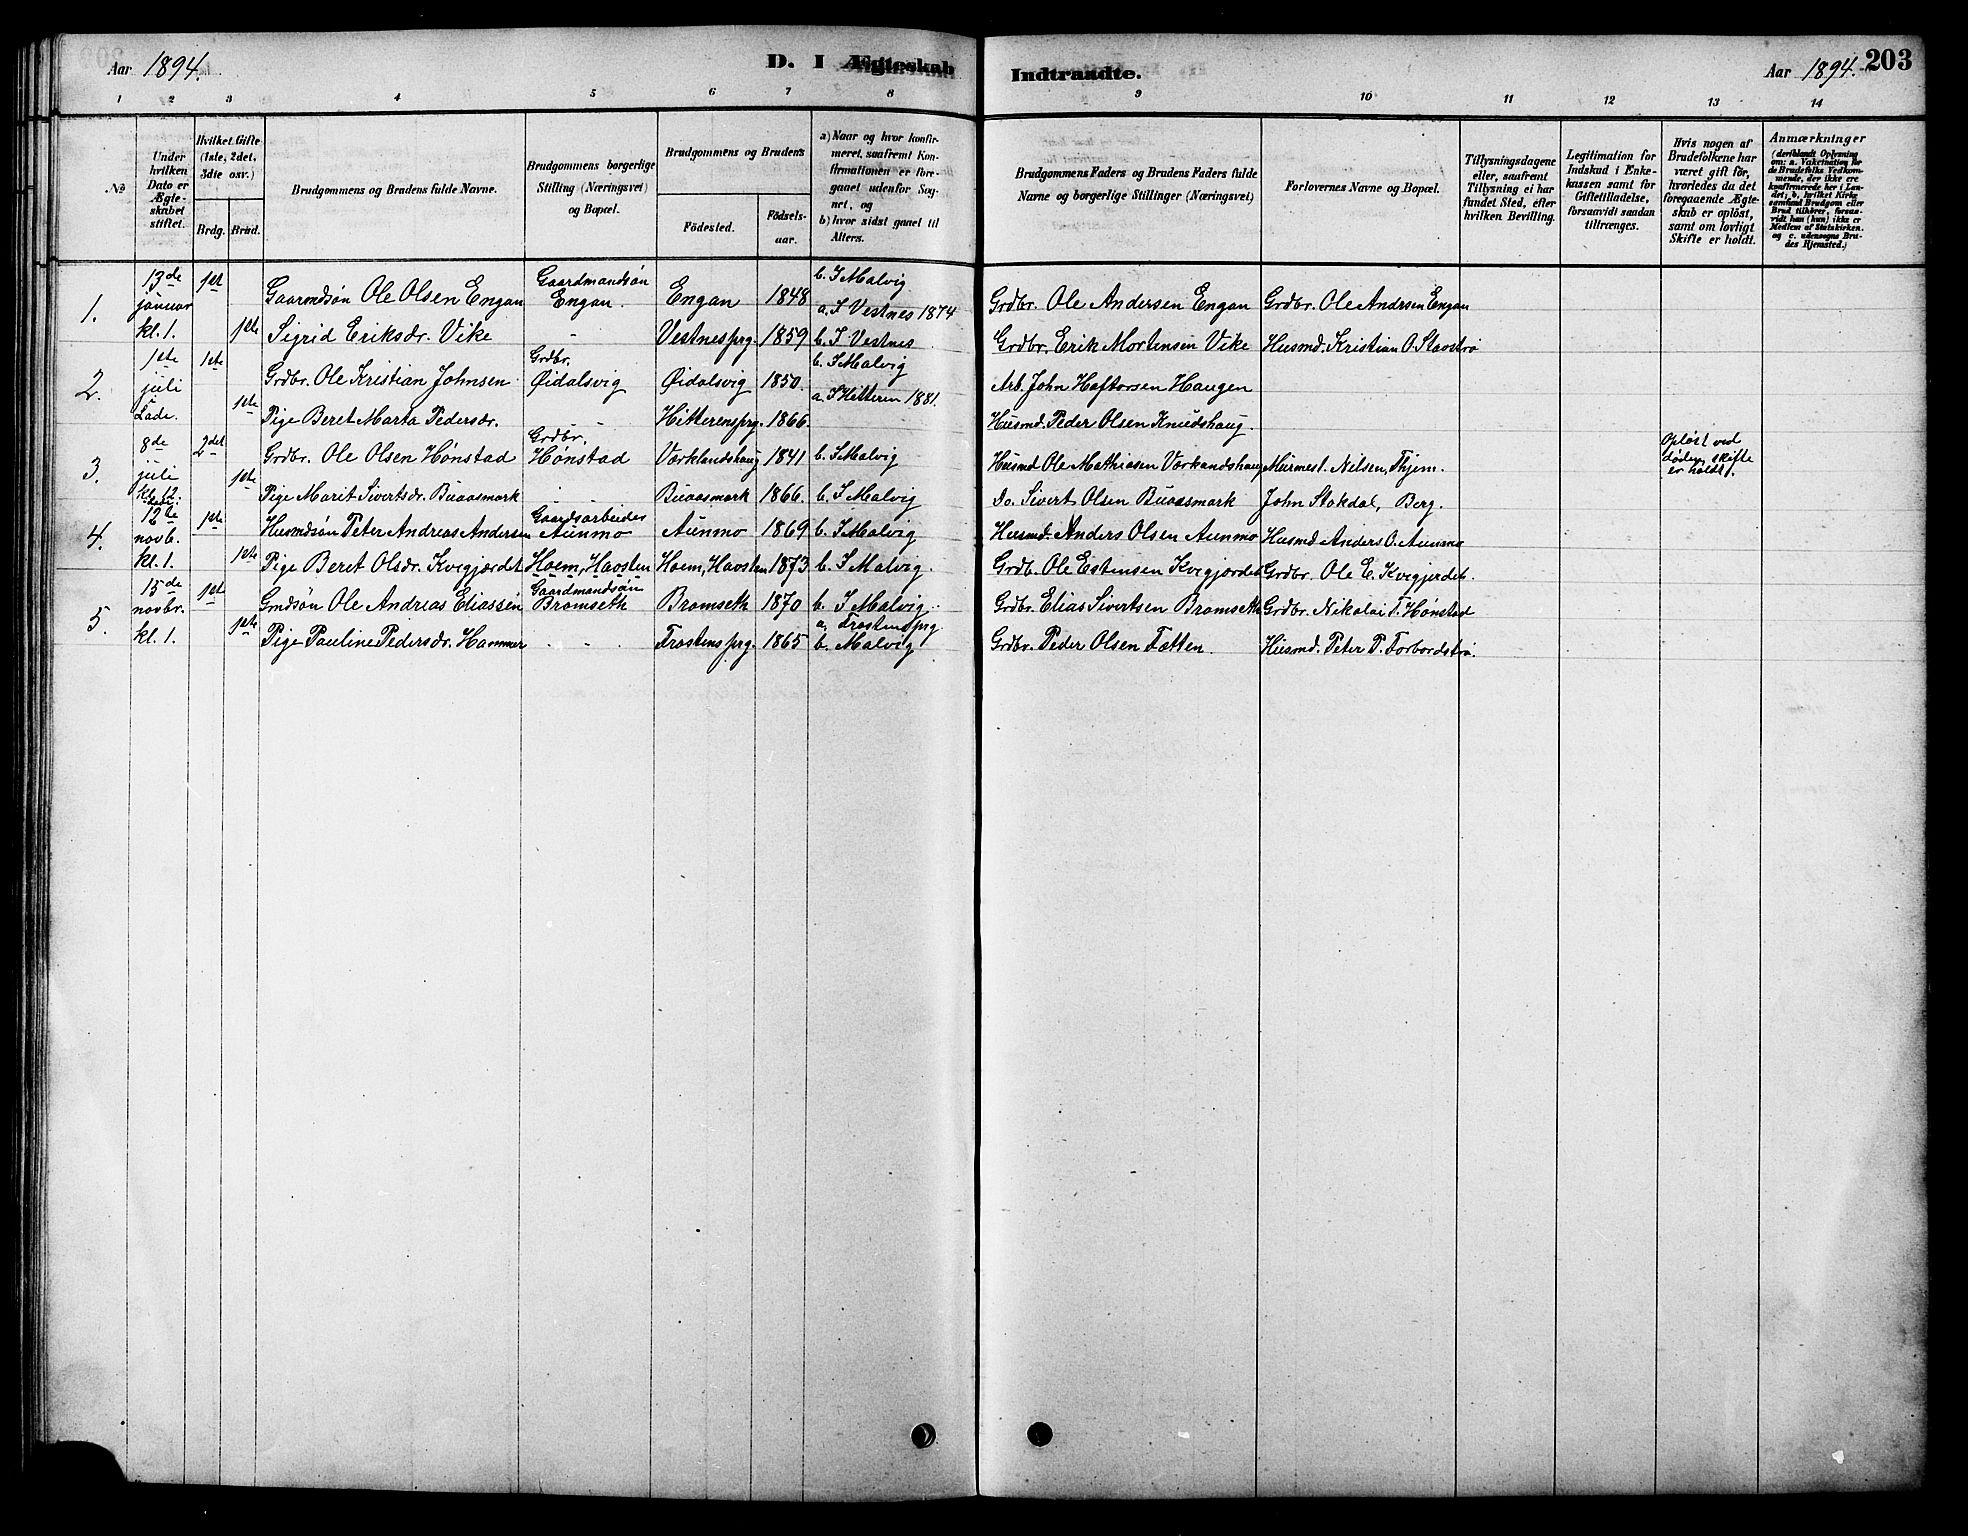 SAT, Ministerialprotokoller, klokkerbøker og fødselsregistre - Sør-Trøndelag, 616/L0423: Klokkerbok nr. 616C06, 1878-1903, s. 203